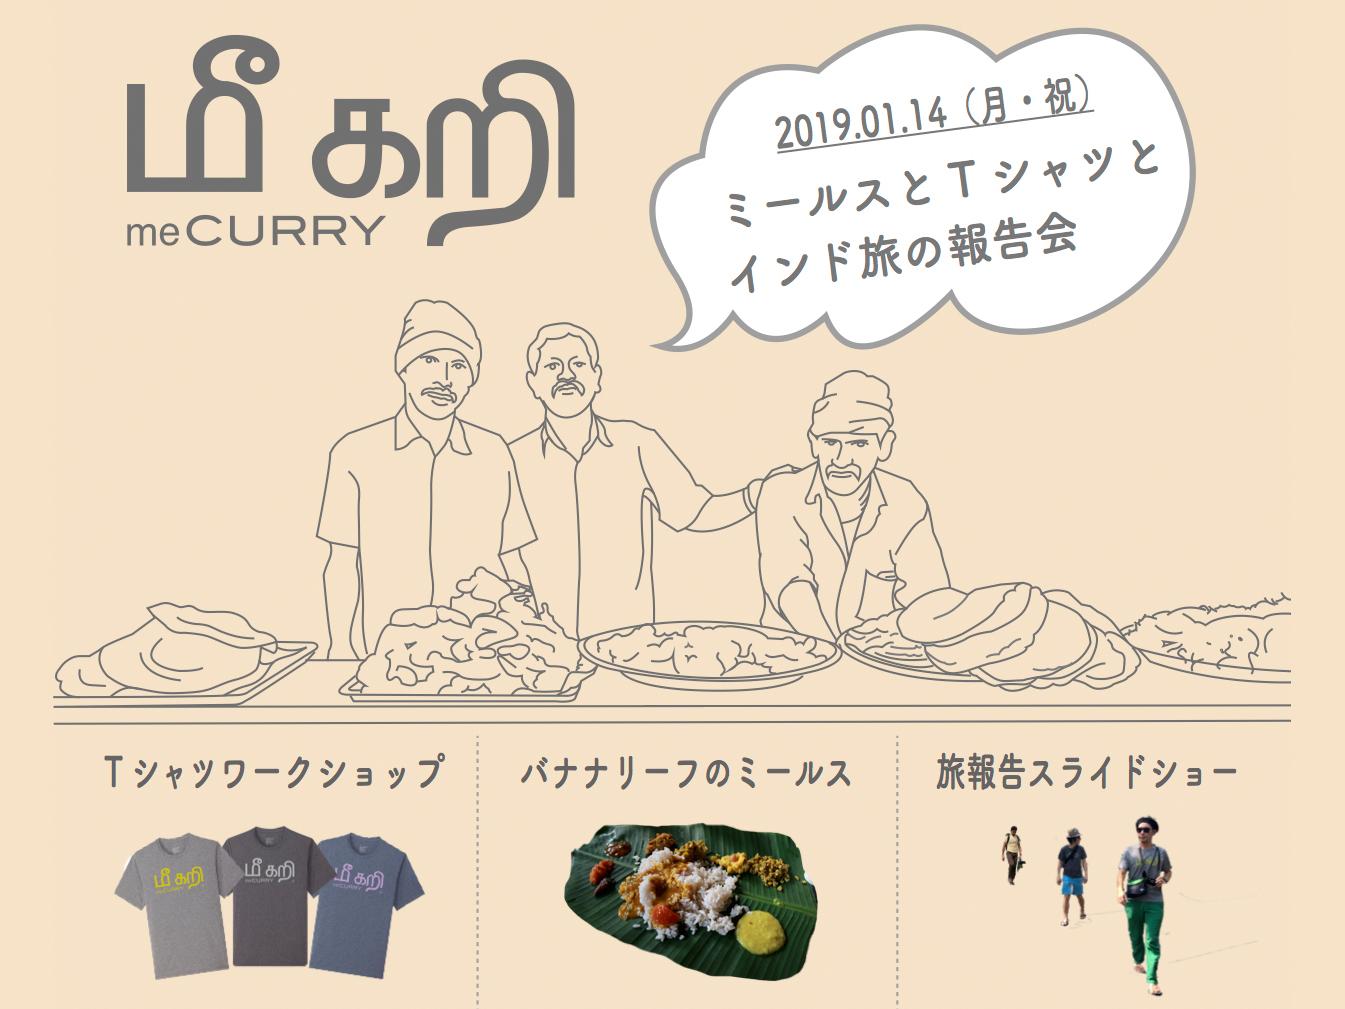 1月14日(月・祝)『ミールスとTシャツとインド旅の報告会』参加者募集中!